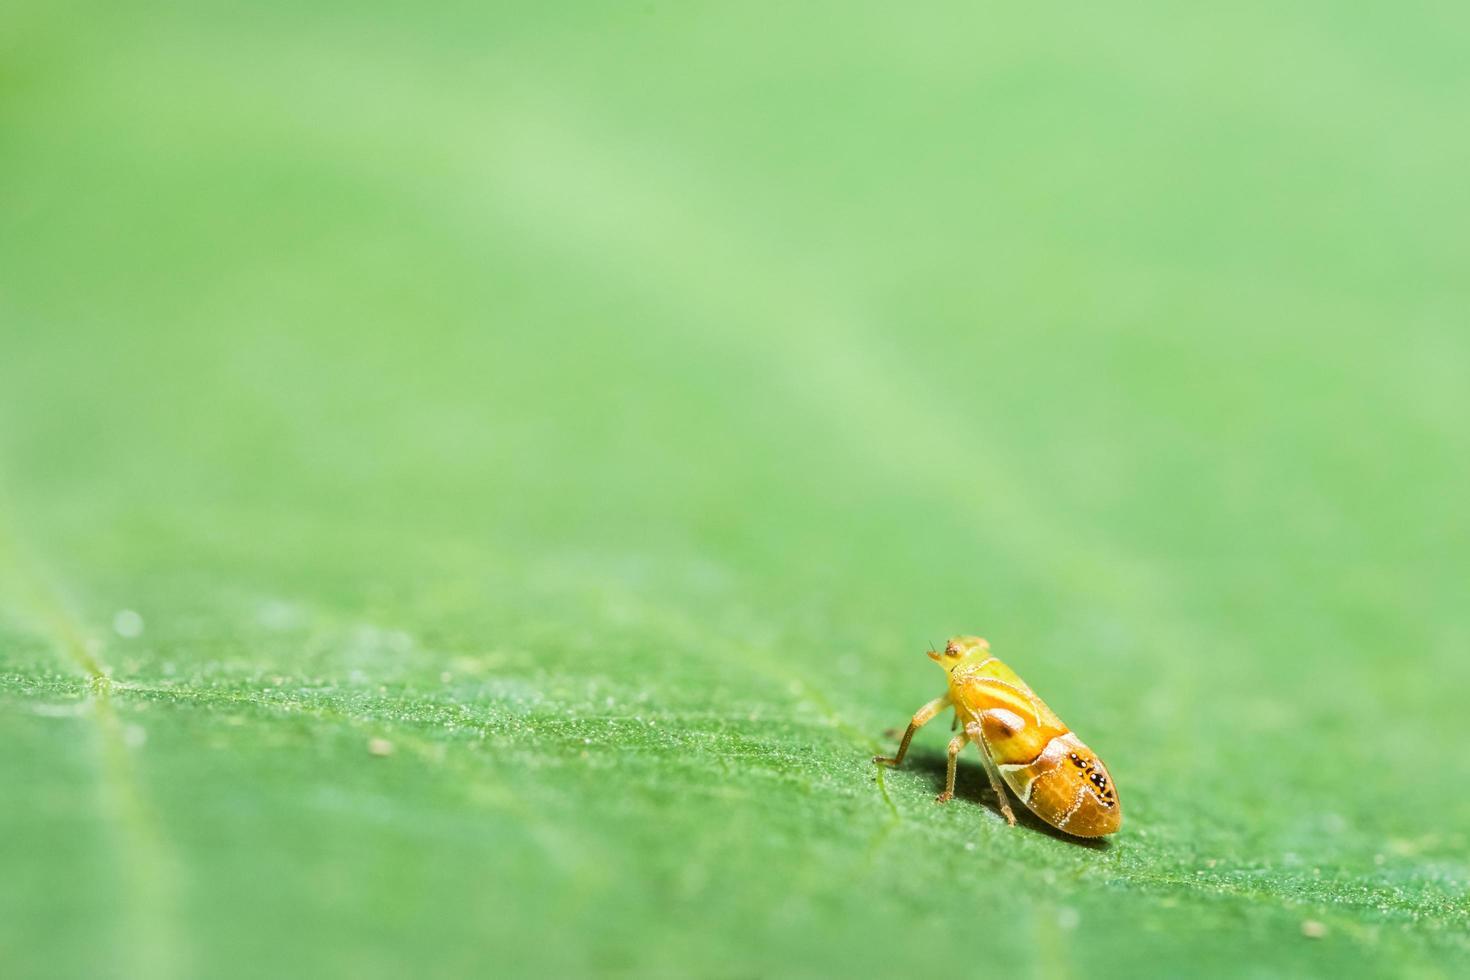 Leafhopper Insekt kreuzt Blatt foto